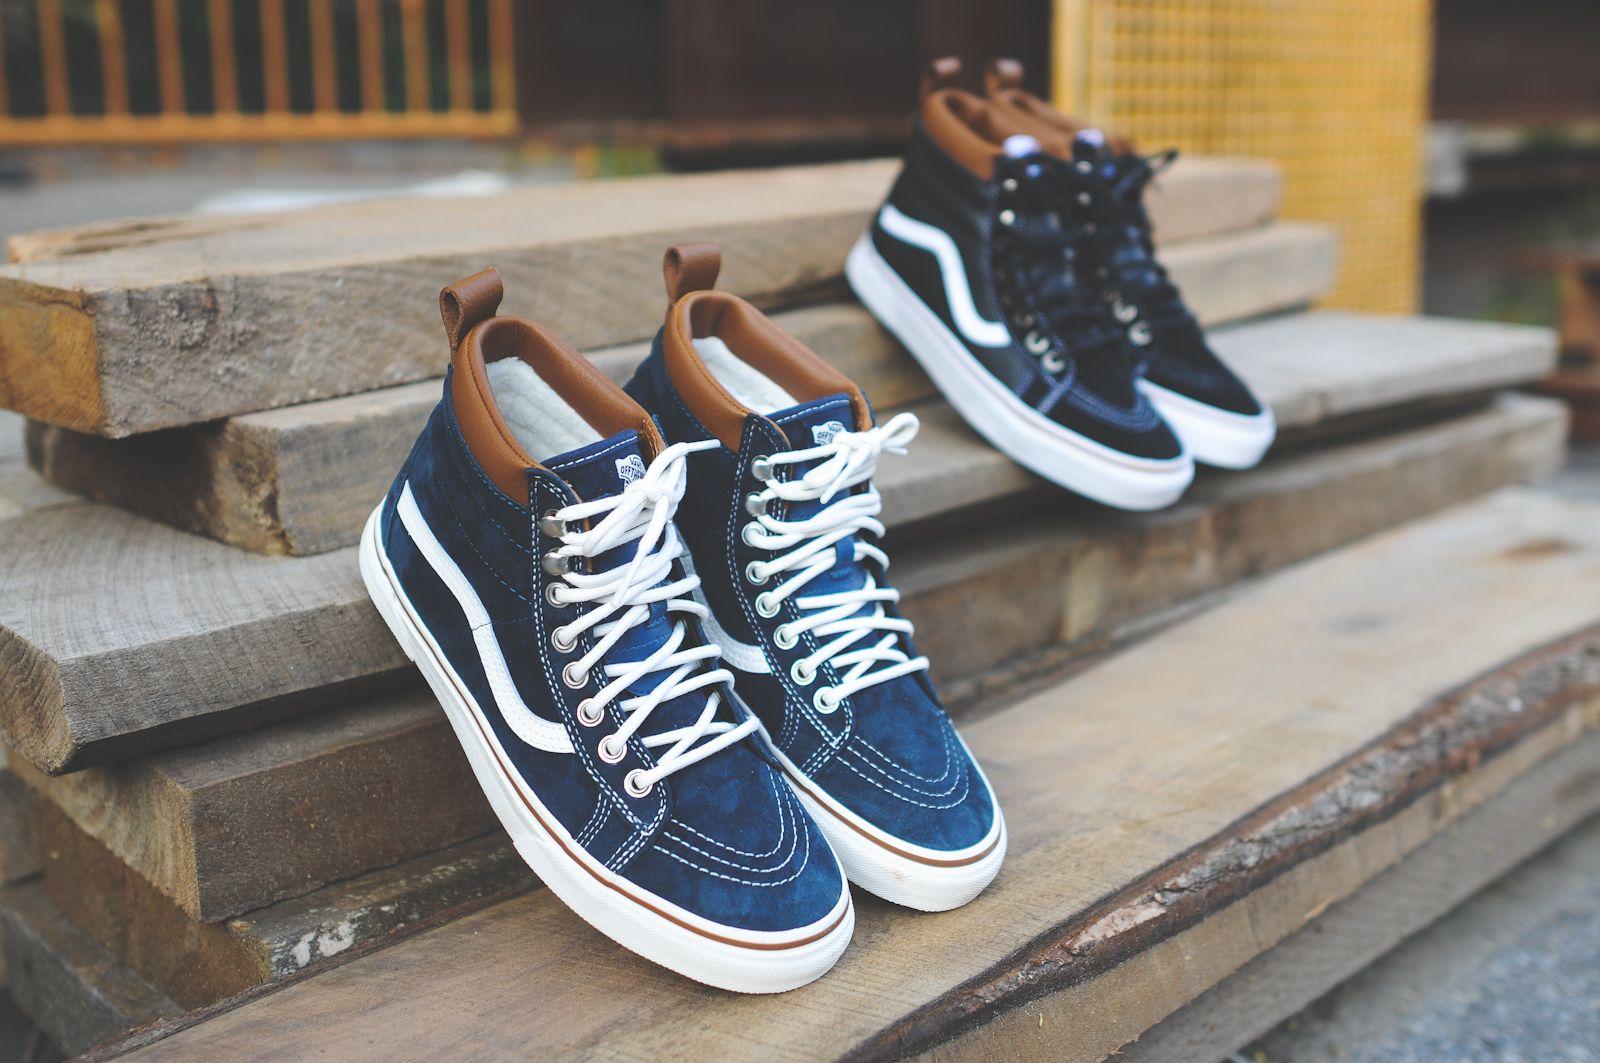 sk8-hi mte shoes vans